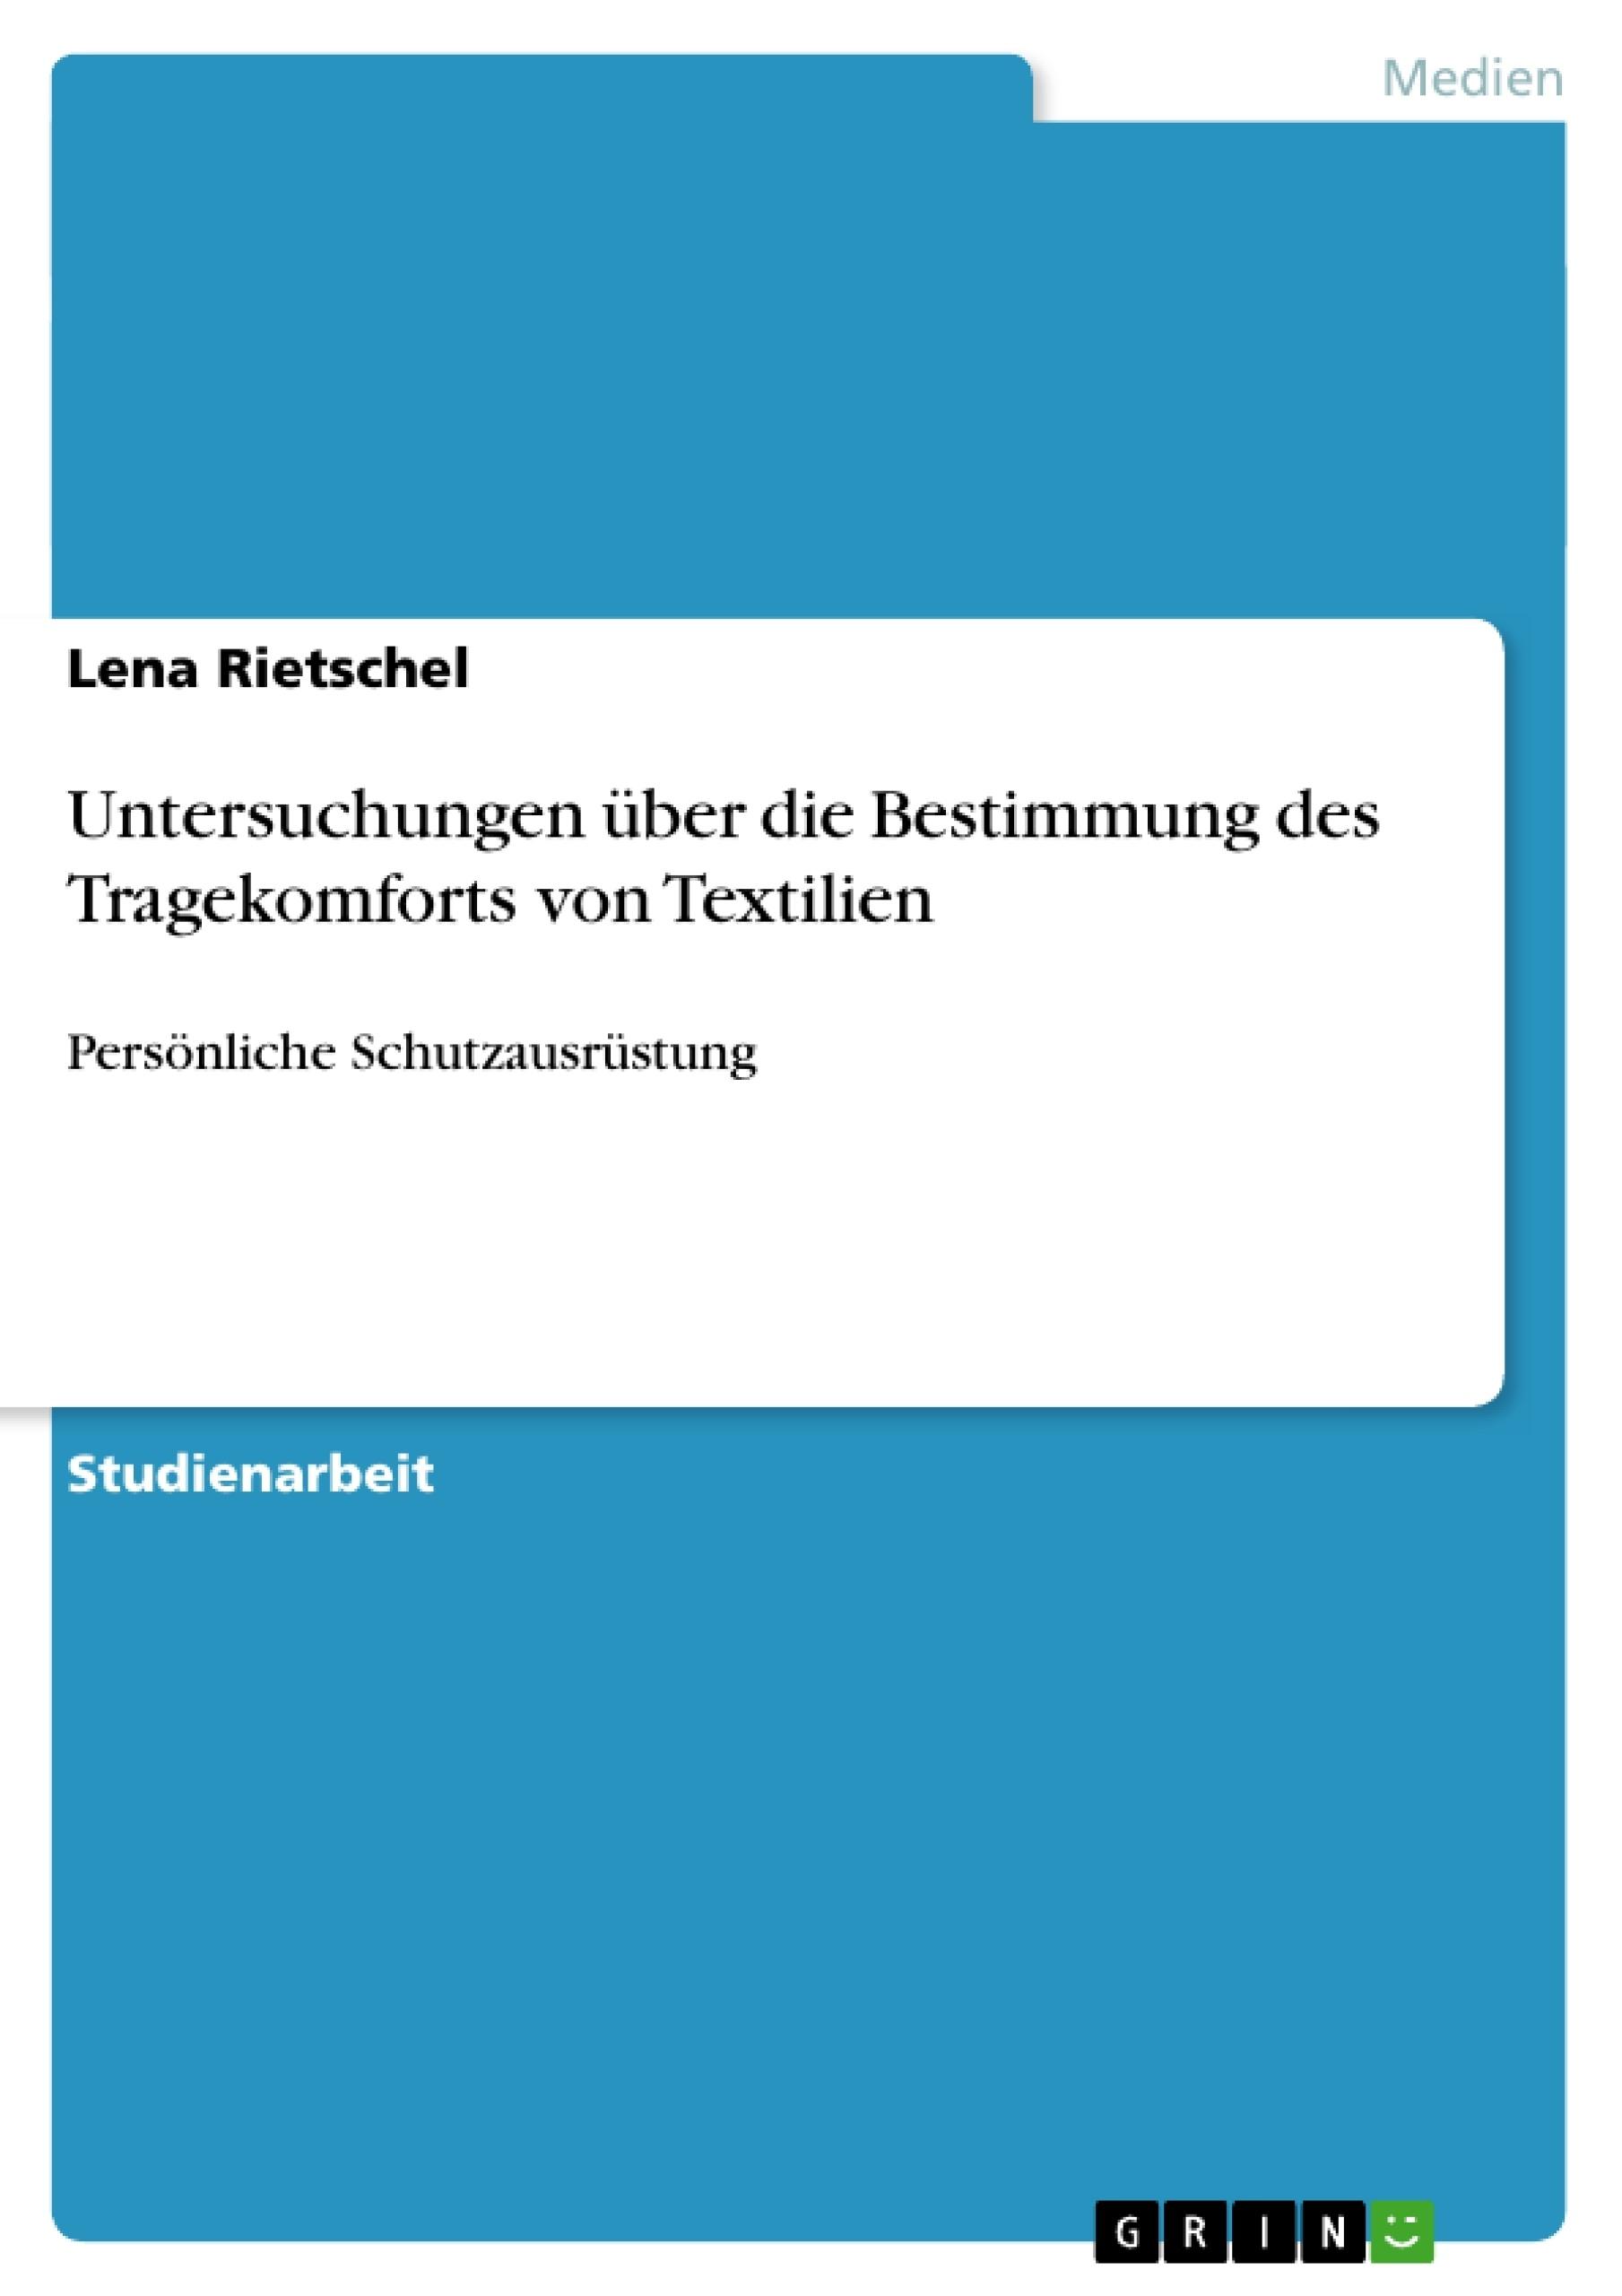 Titel: Untersuchungen über die Bestimmung des Tragekomforts von Textilien